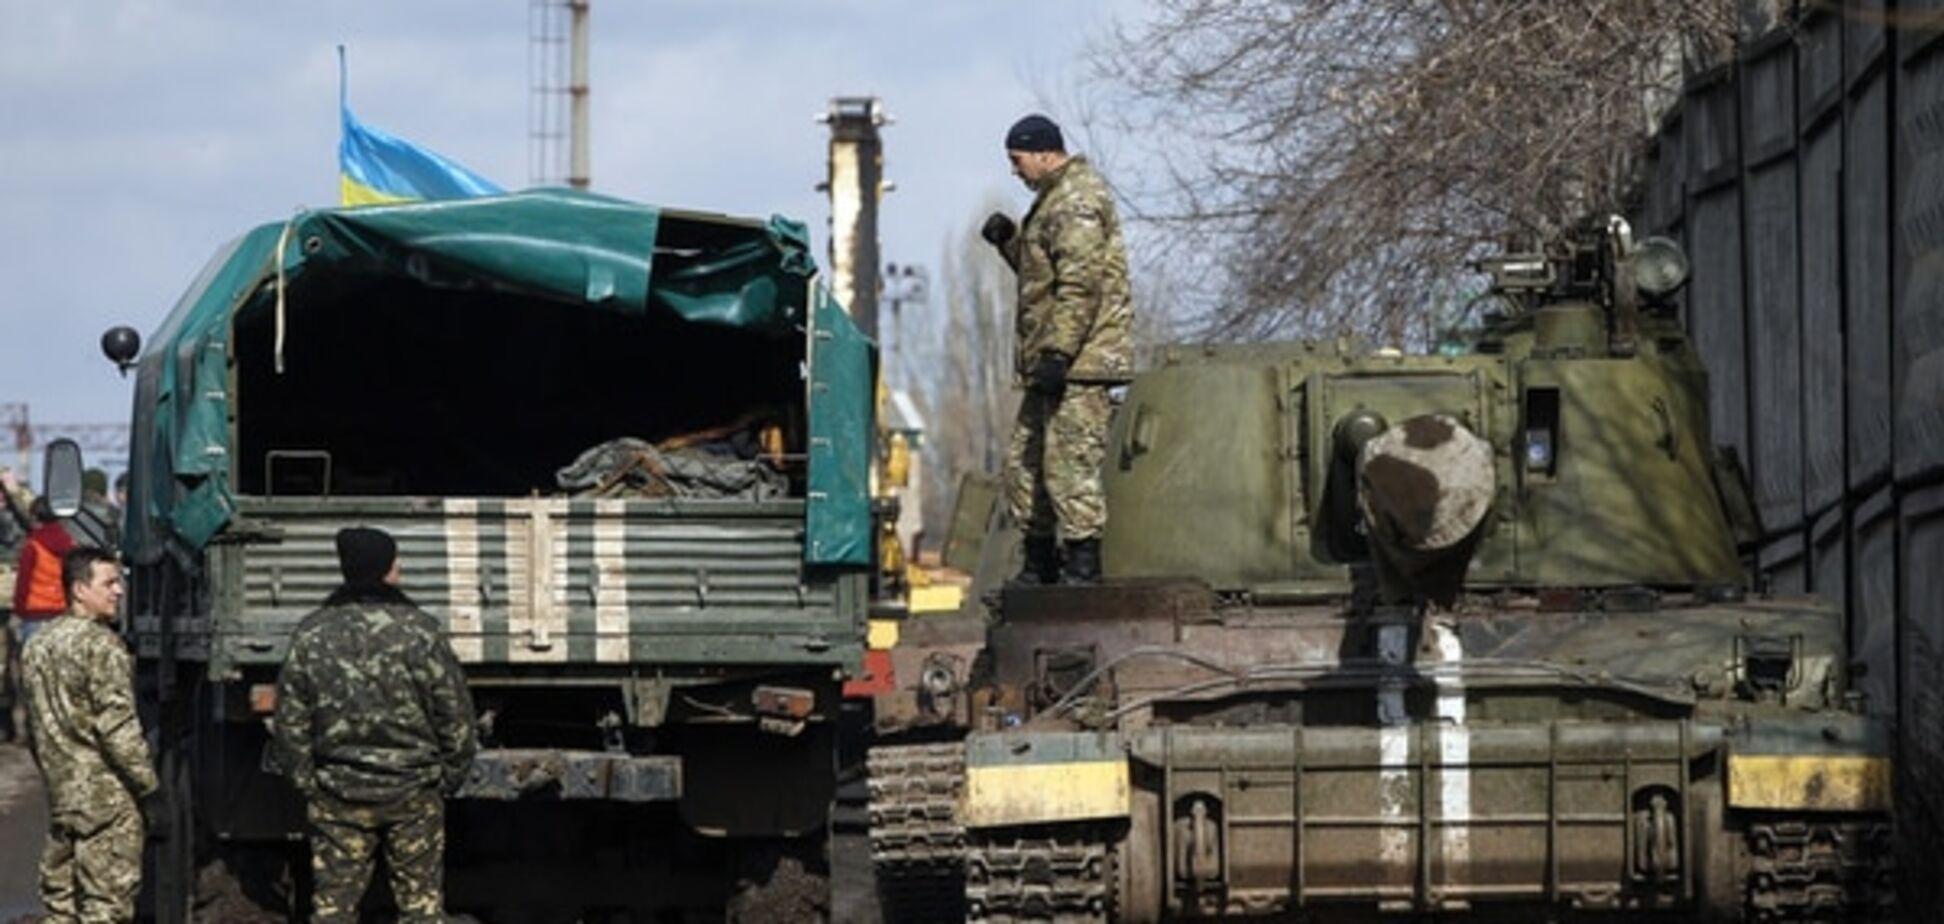 Штаб АТО розкрив подробиці відведення озброєння на Донбасі